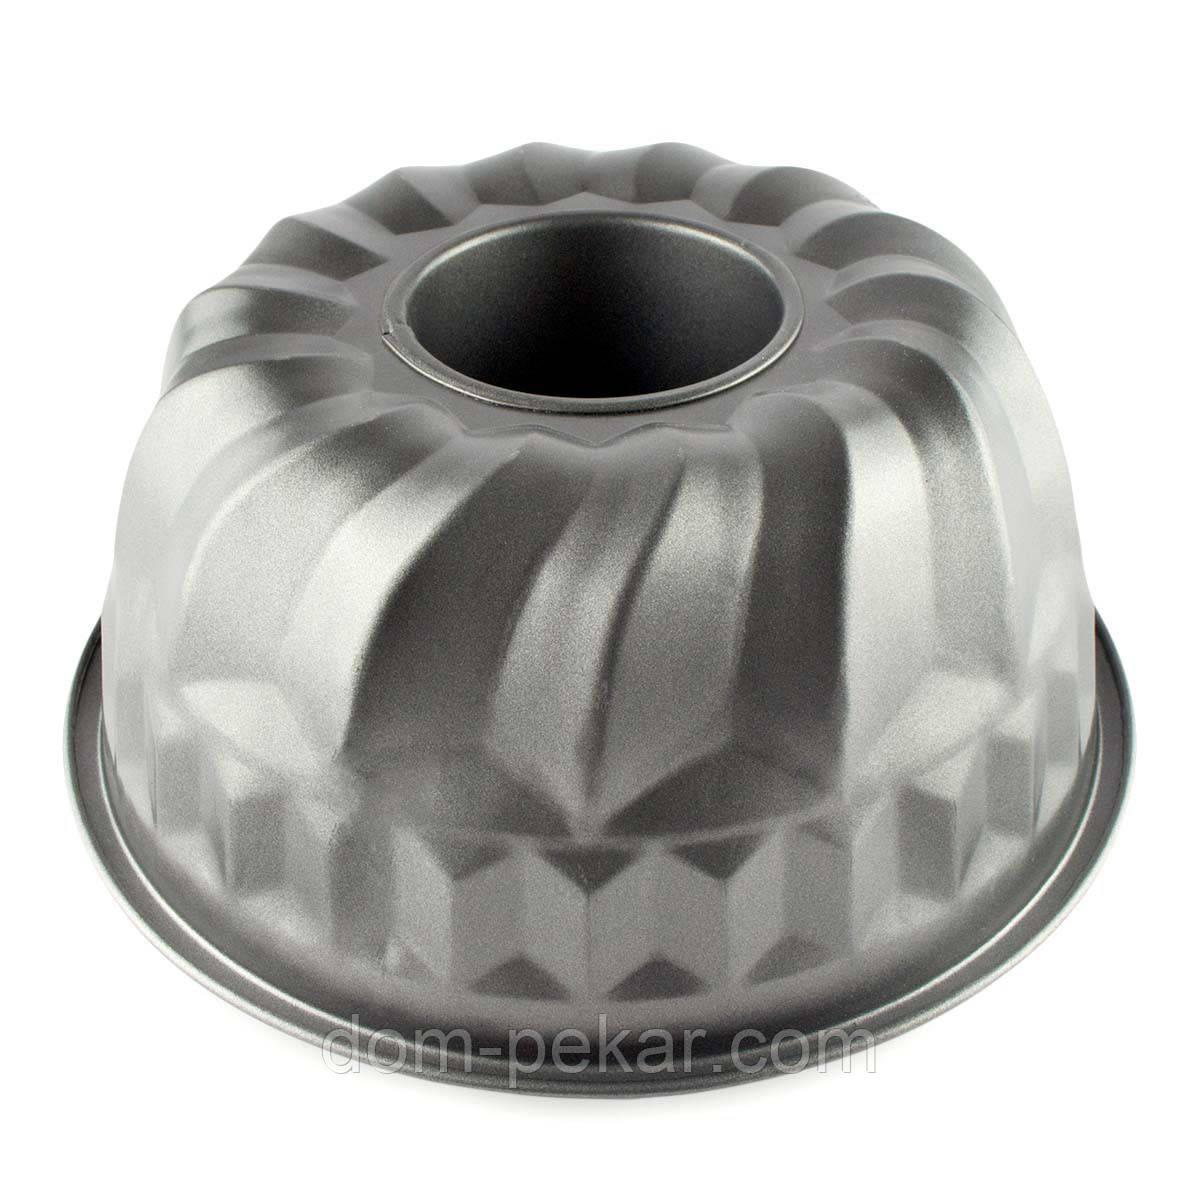 Форма для выпечки Кекс высокий со втулкой 22*11см